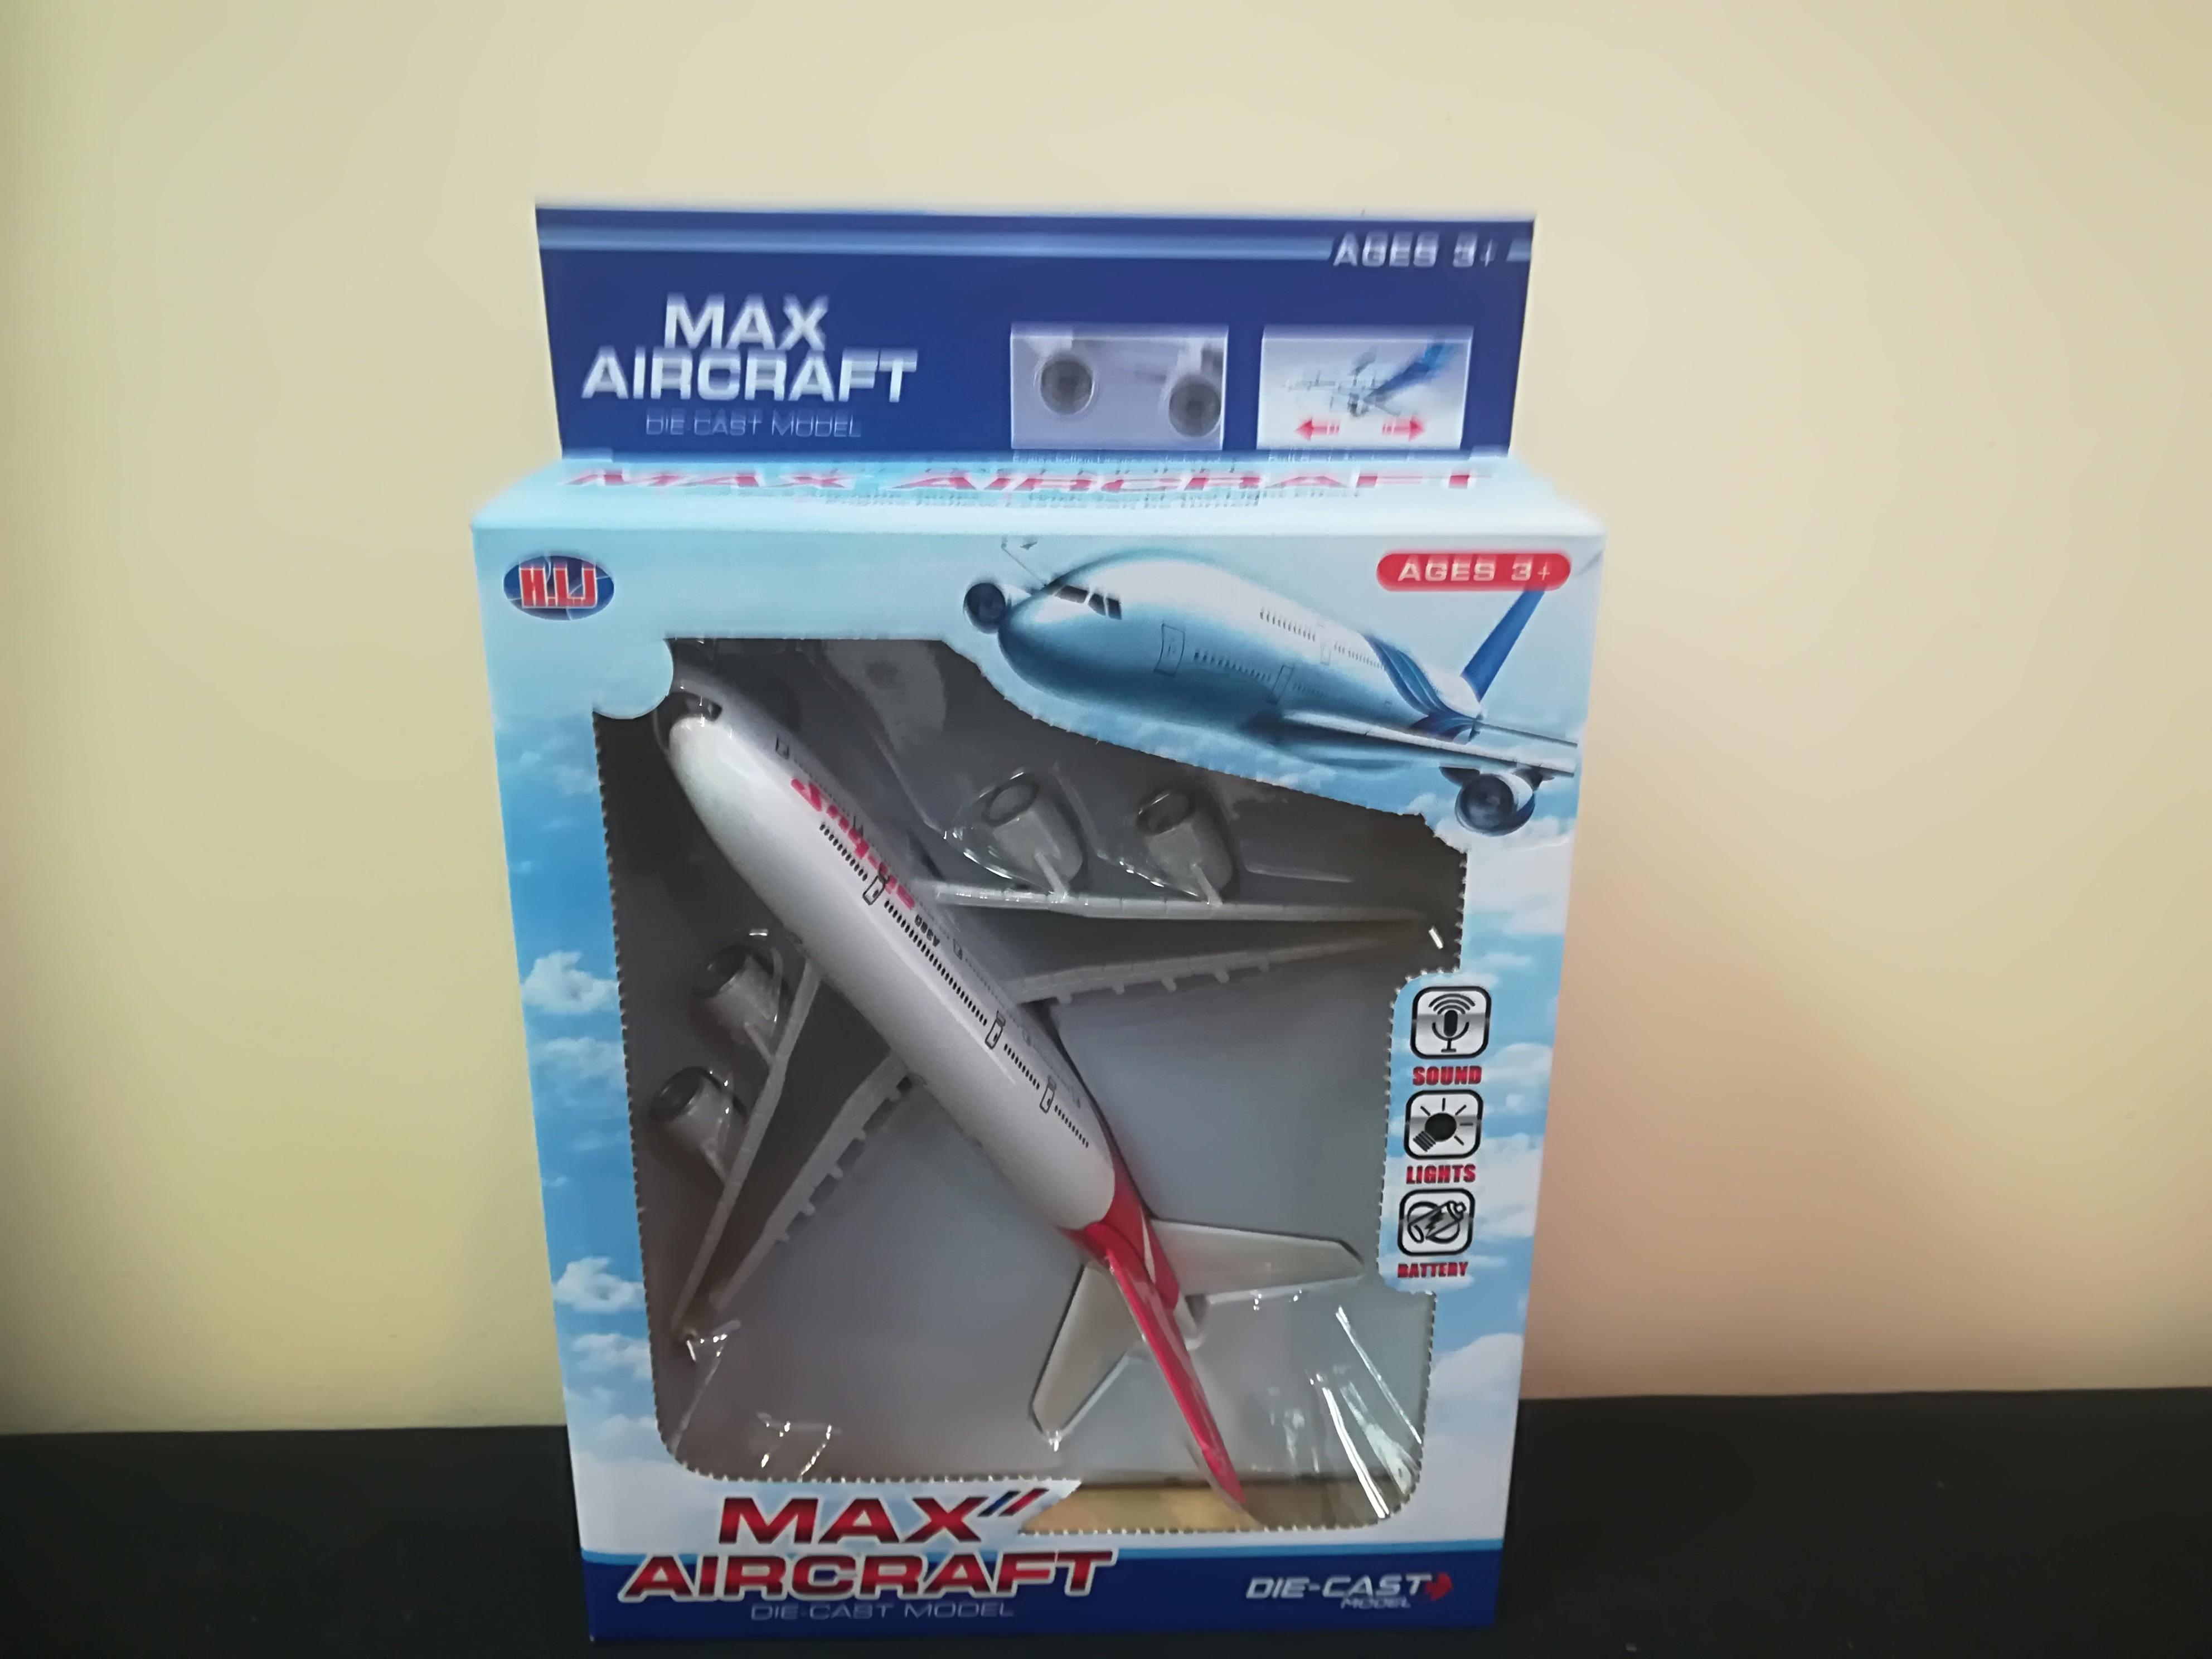 Max Aircraft